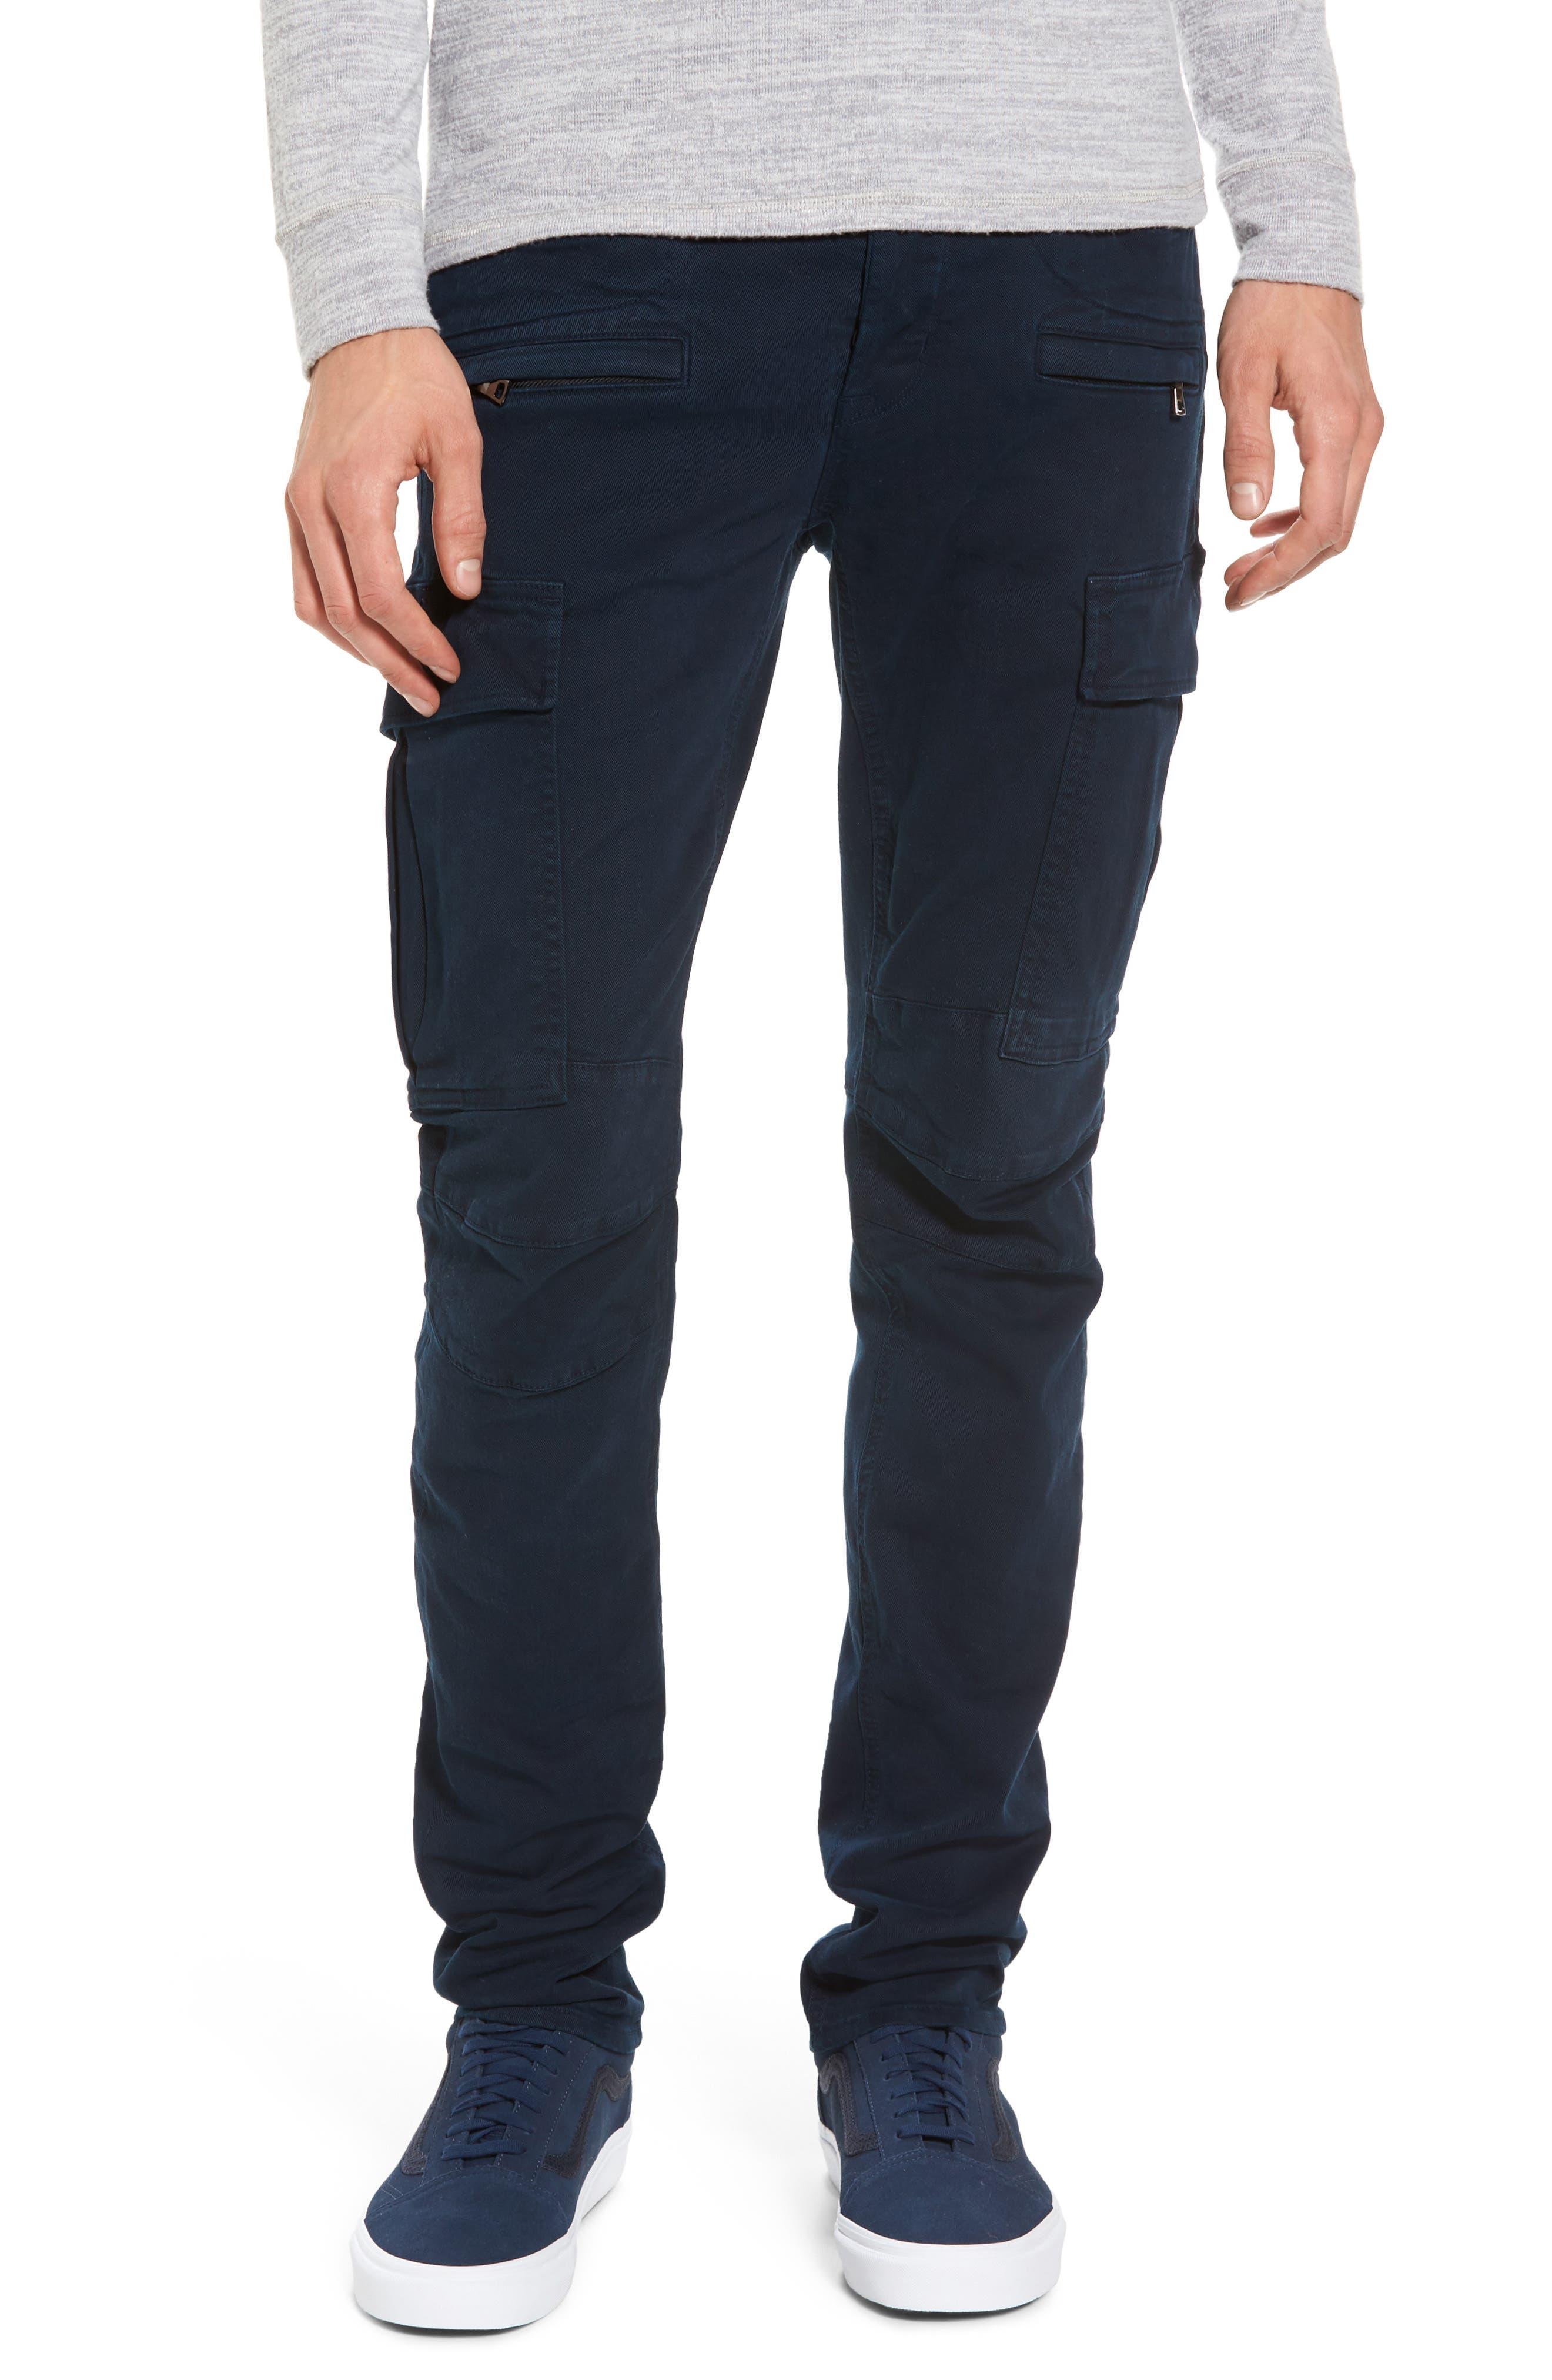 Hudson Jeans Greyson Cargo Biker Skinny Fit Jeans (Ink)